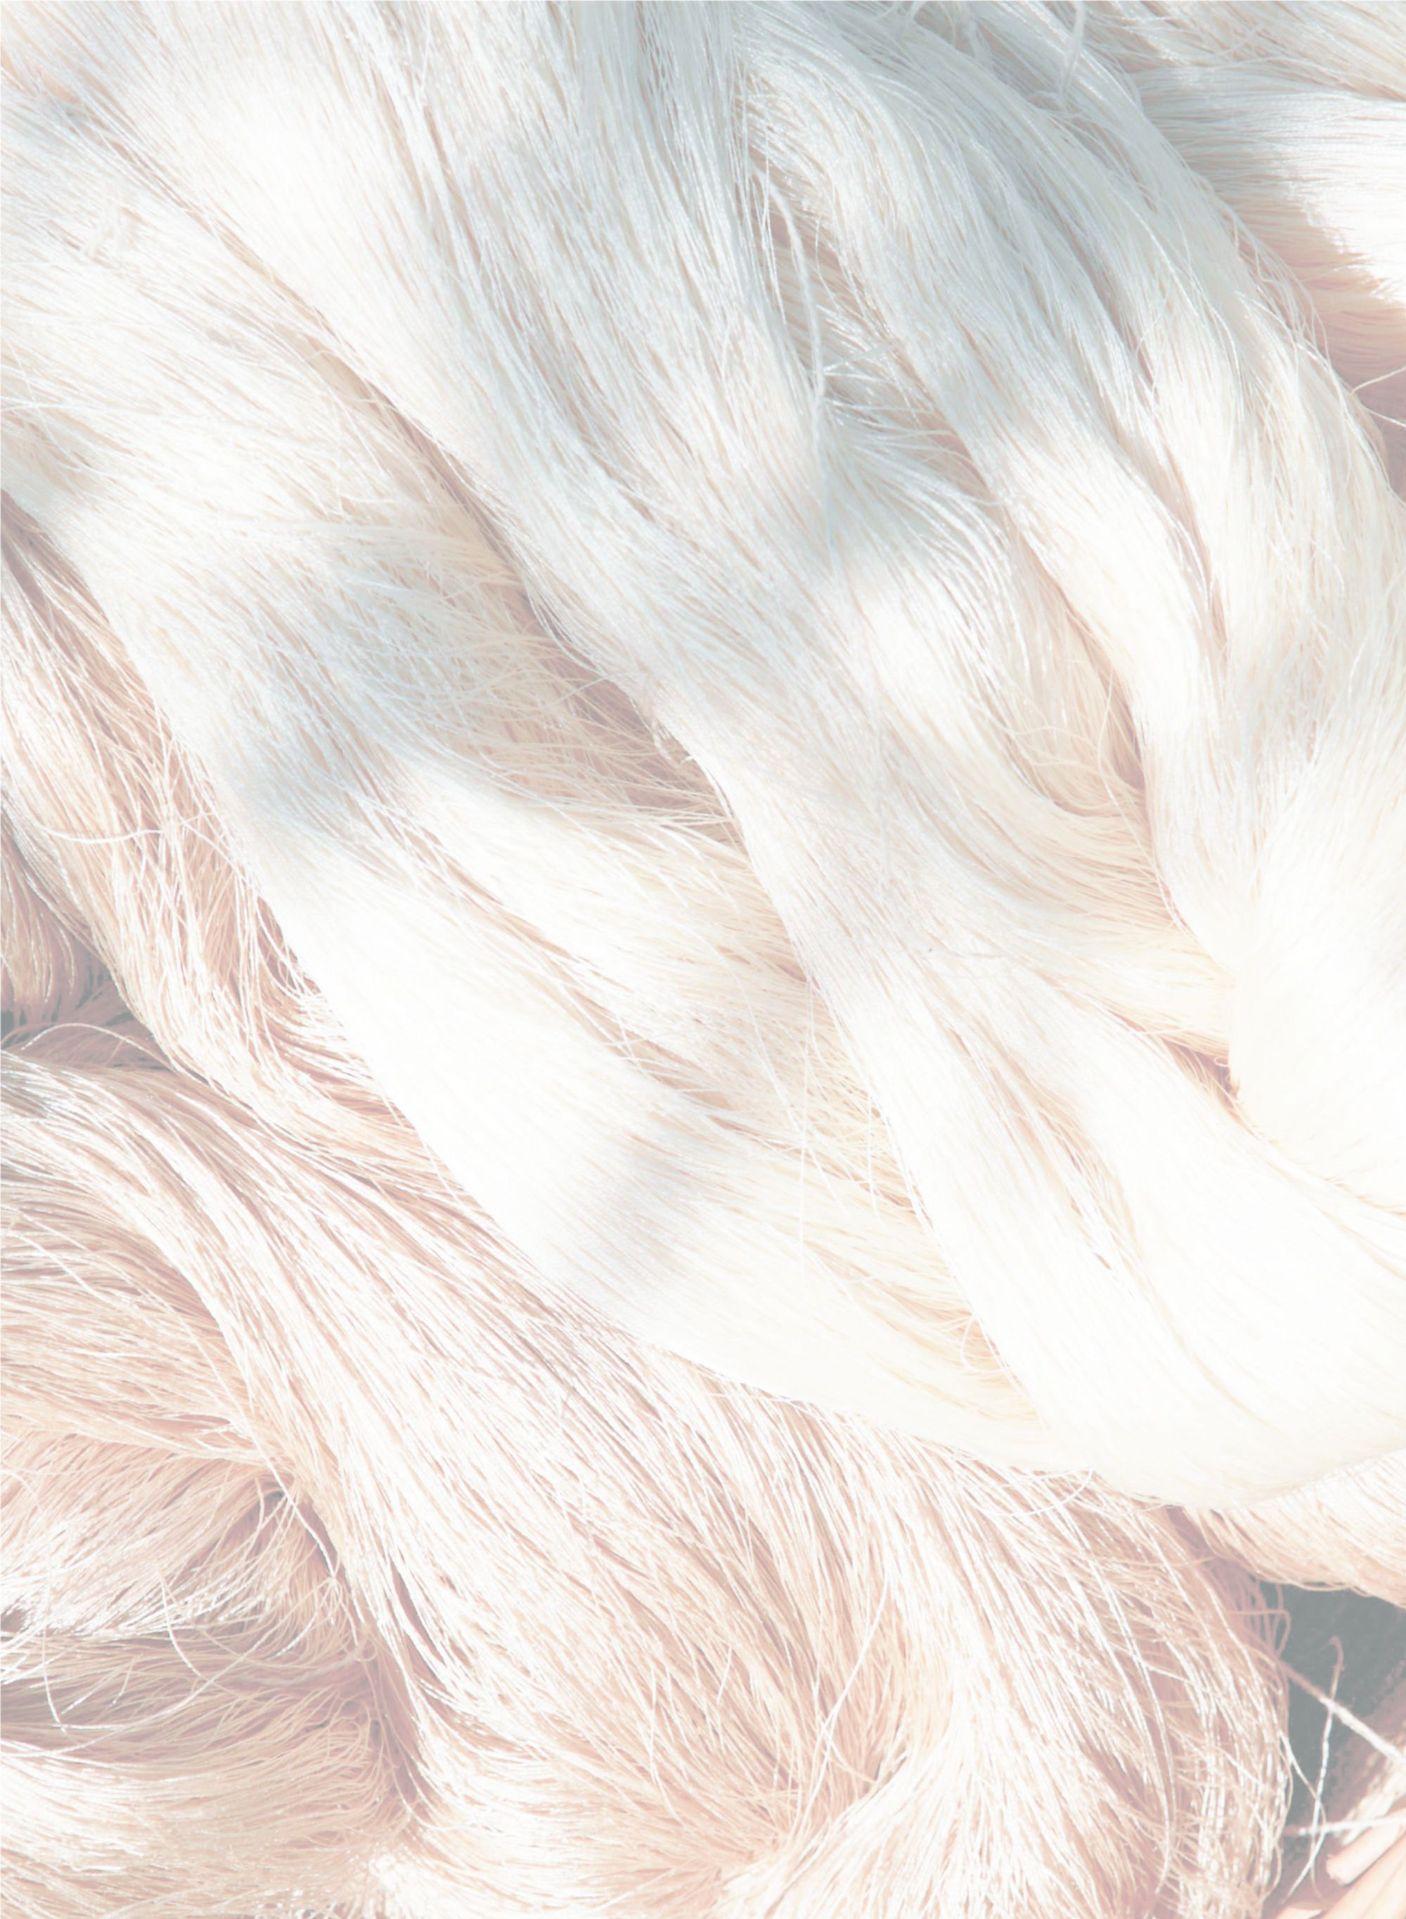 Tussah sợi tơ lụa tơ tằm hoang dã sợi sợi tơ tằm sợi tơ lụa chất liệu lụa chất lượng